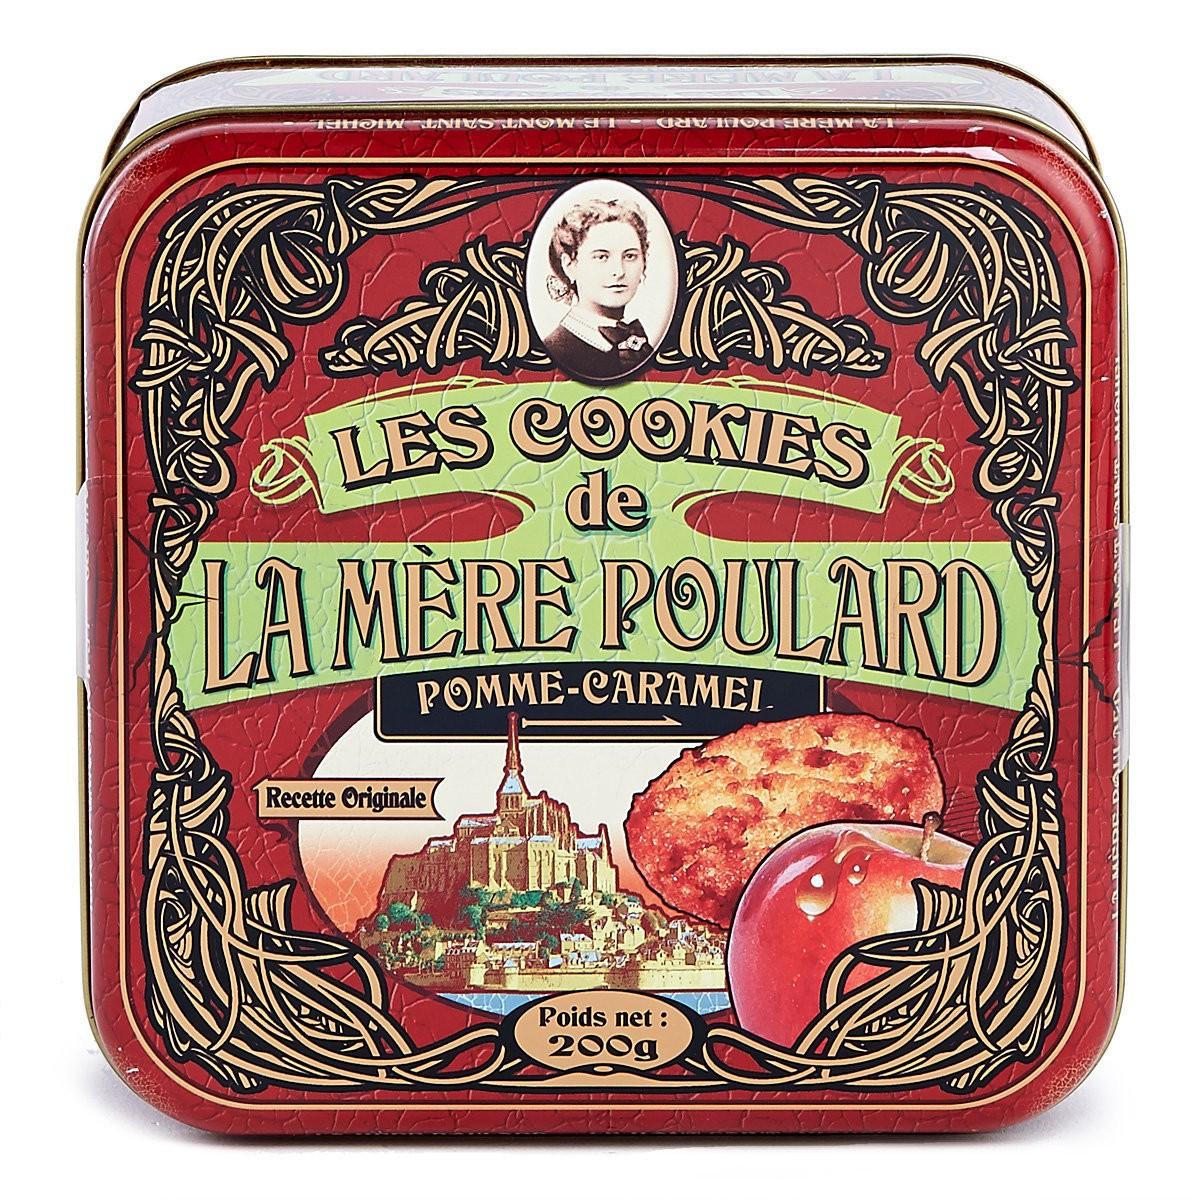 Печиво вершкове з яблучною карамеллю La Mere Poulard фото